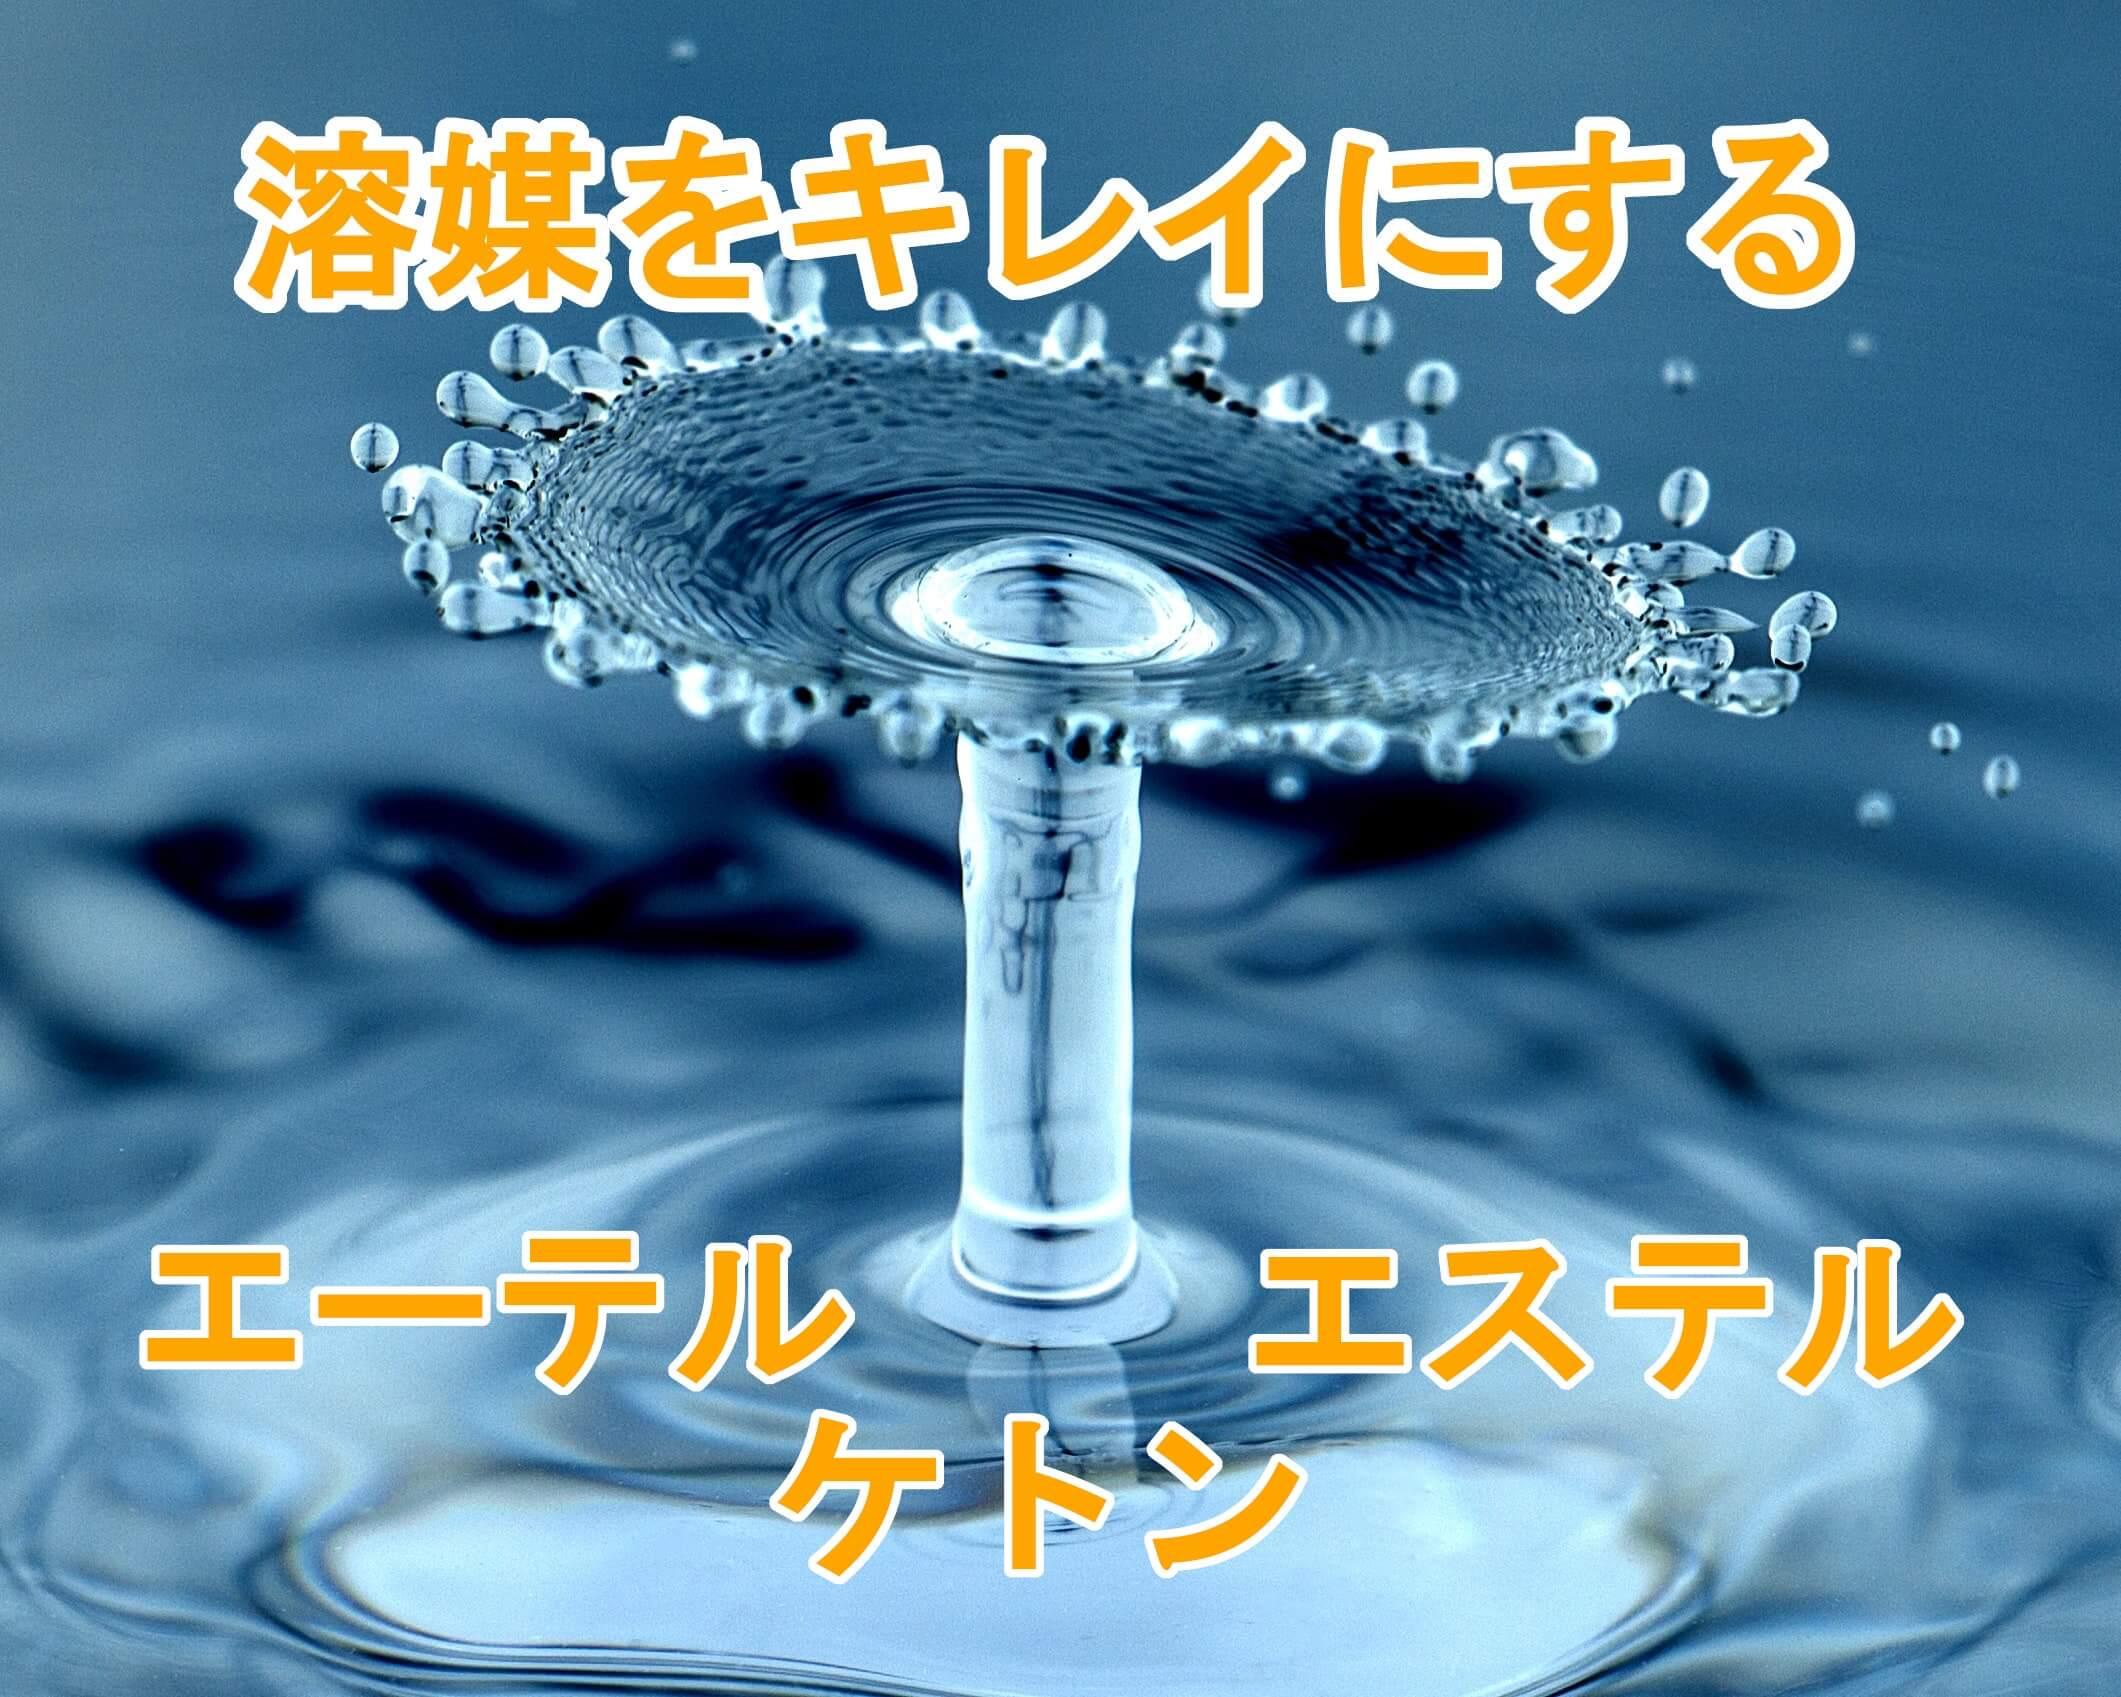 溶媒の精製(エーテル・ケトン・エステル)